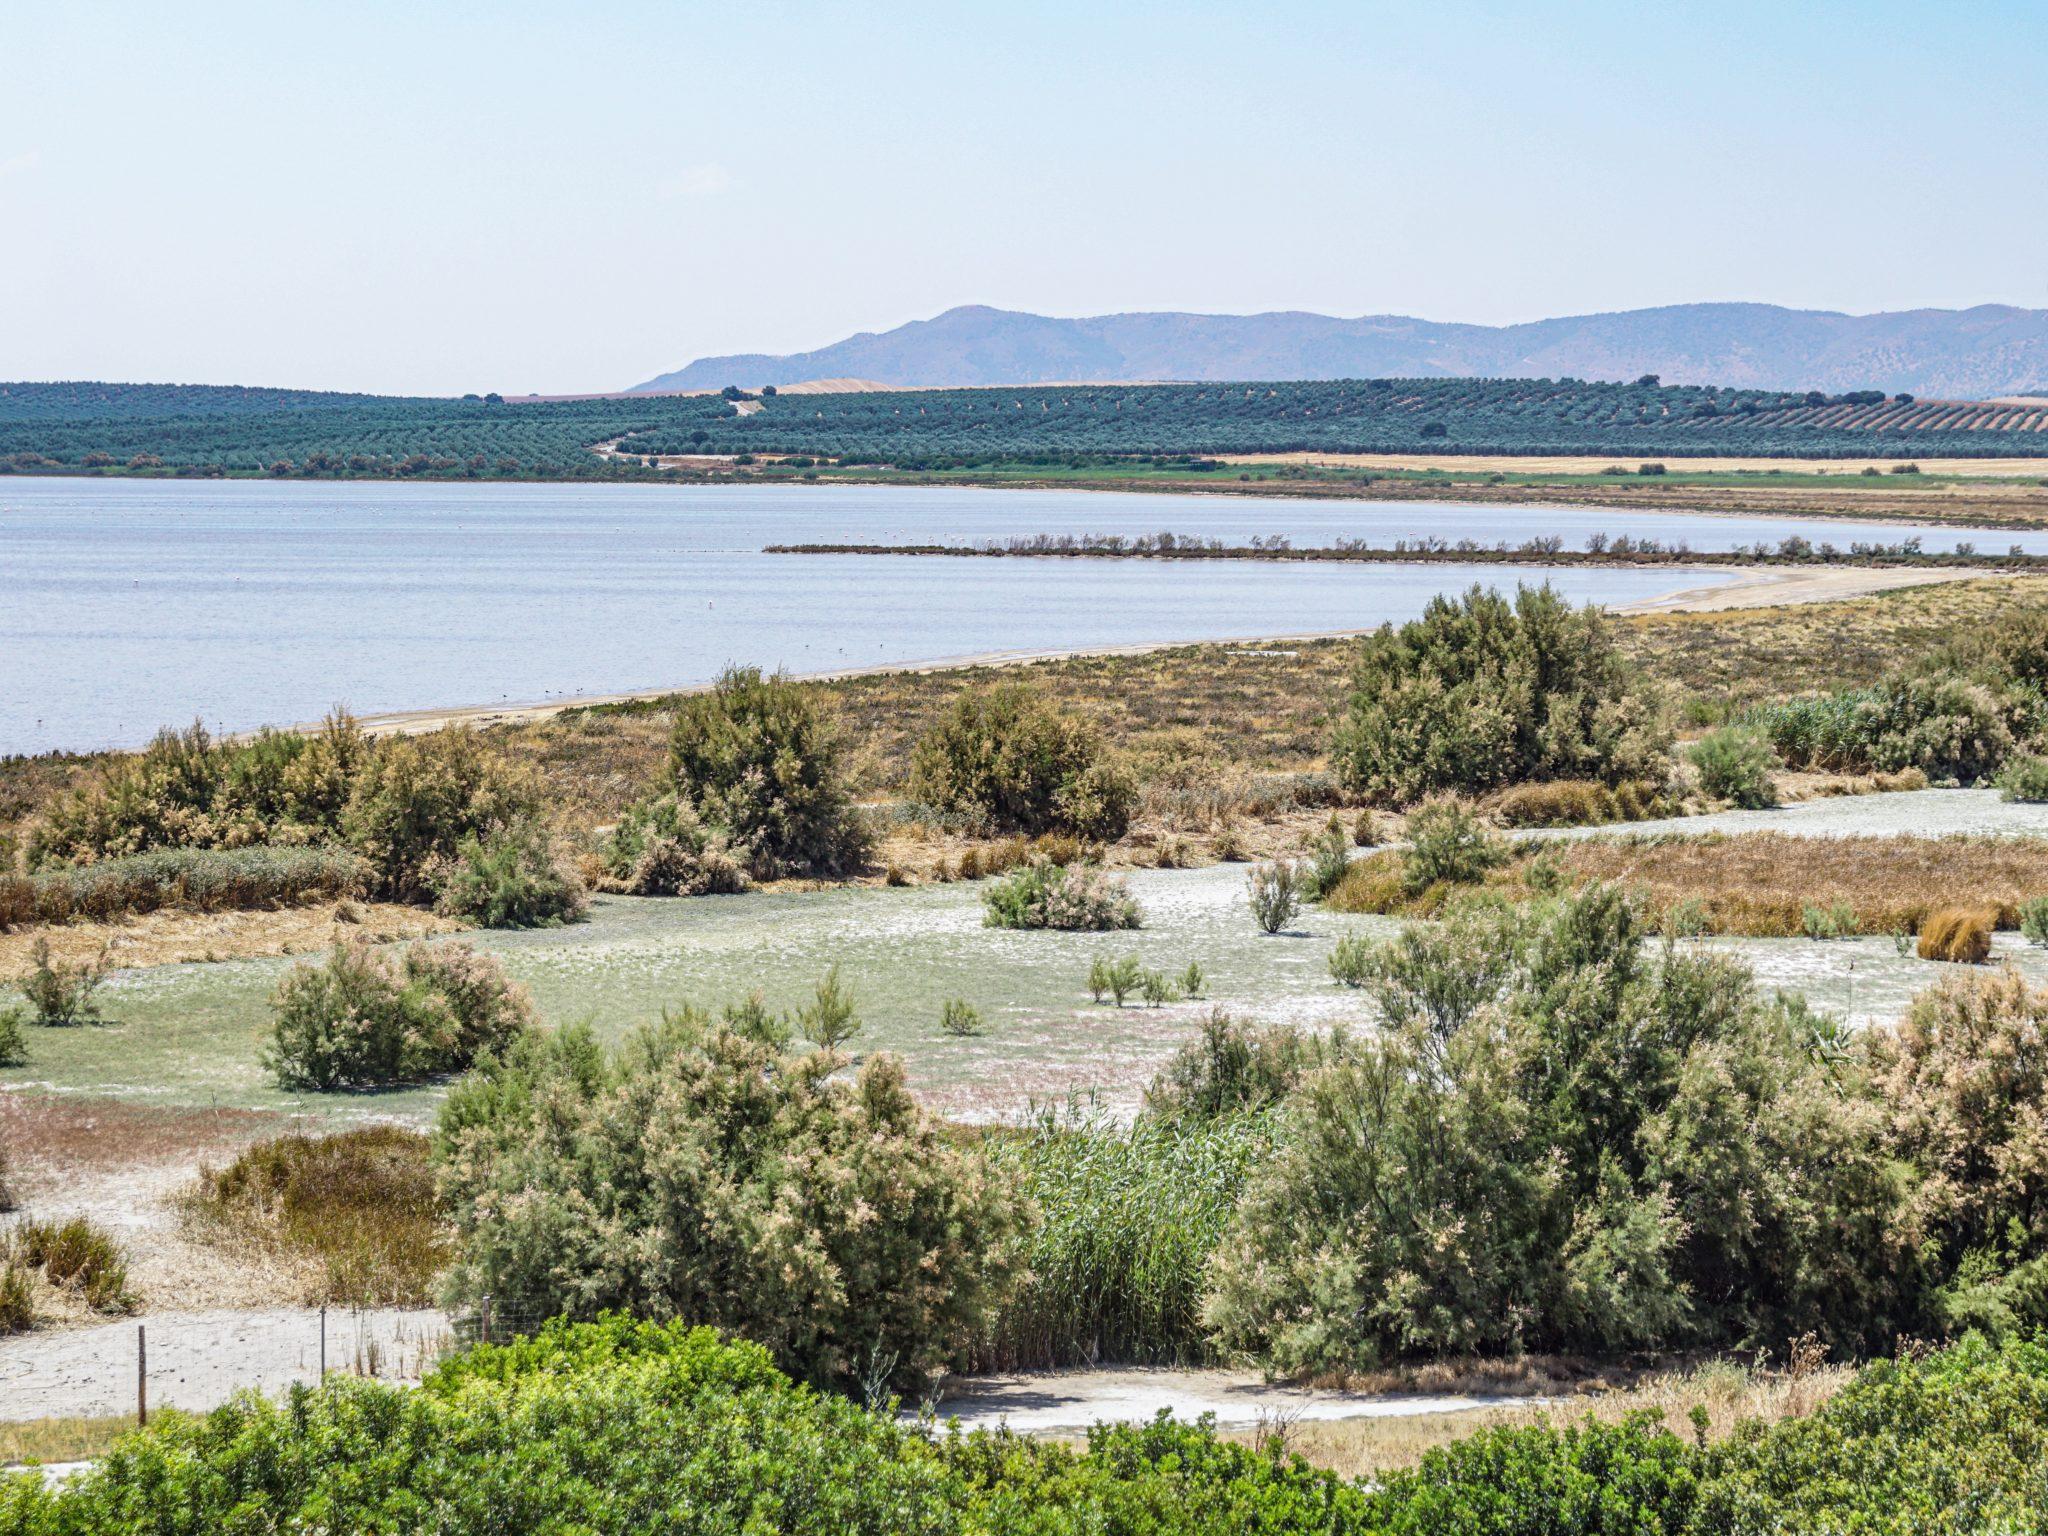 Laguna de Fuenta de Piedra